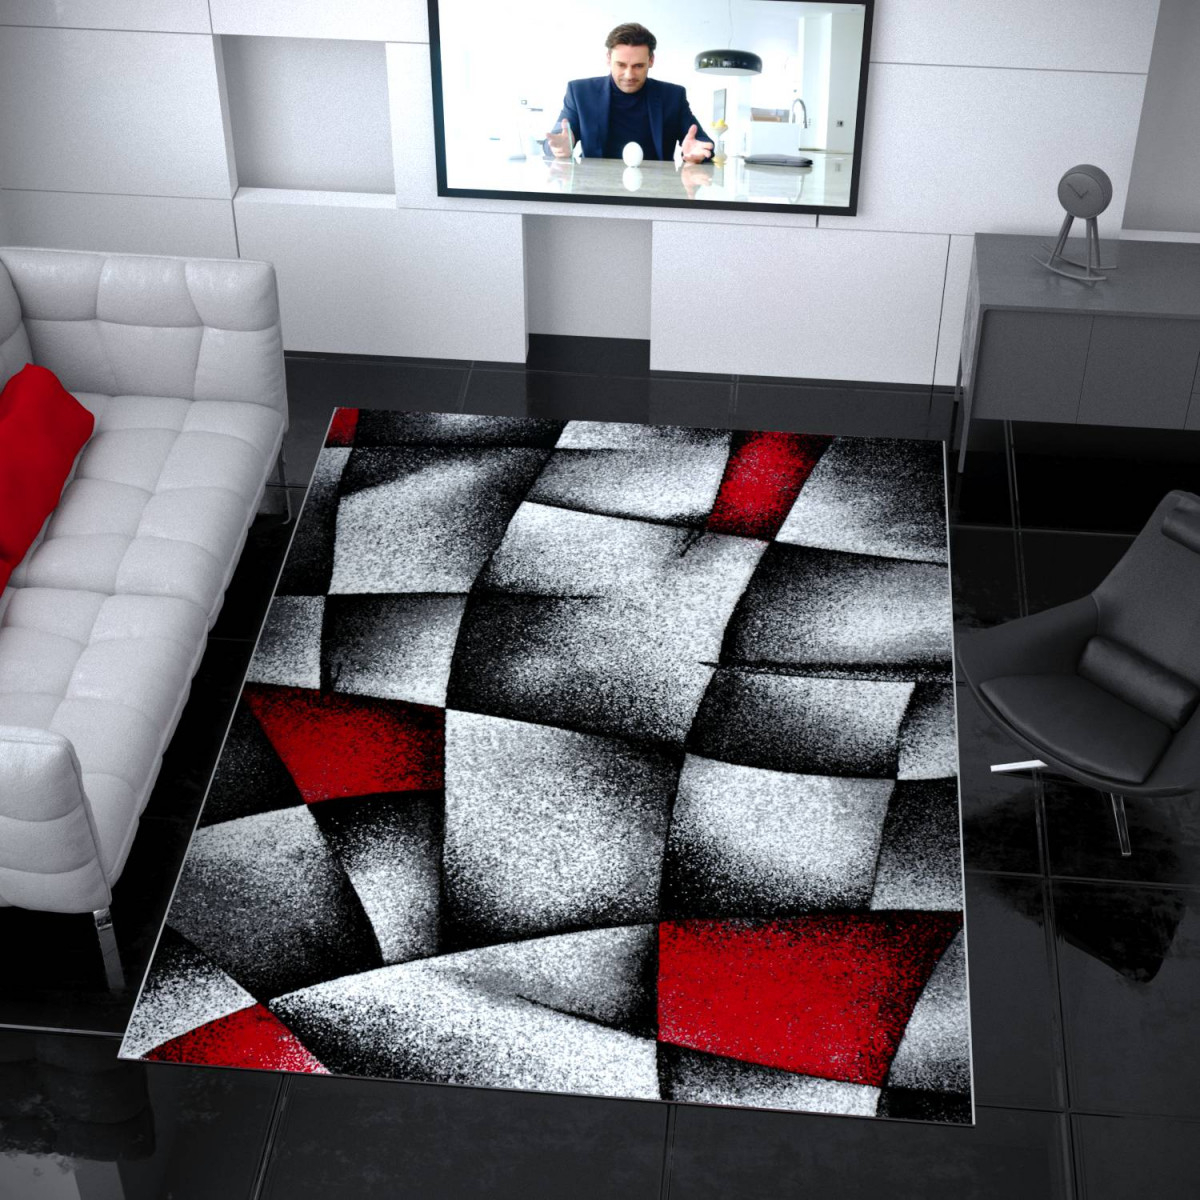 Designer Teppich Wohnzimmer Grau Rot Modern Dicht Gewebt Mit  Konturenschnitt  I9445 von Bilder Wohnzimmer Rot Grau Photo